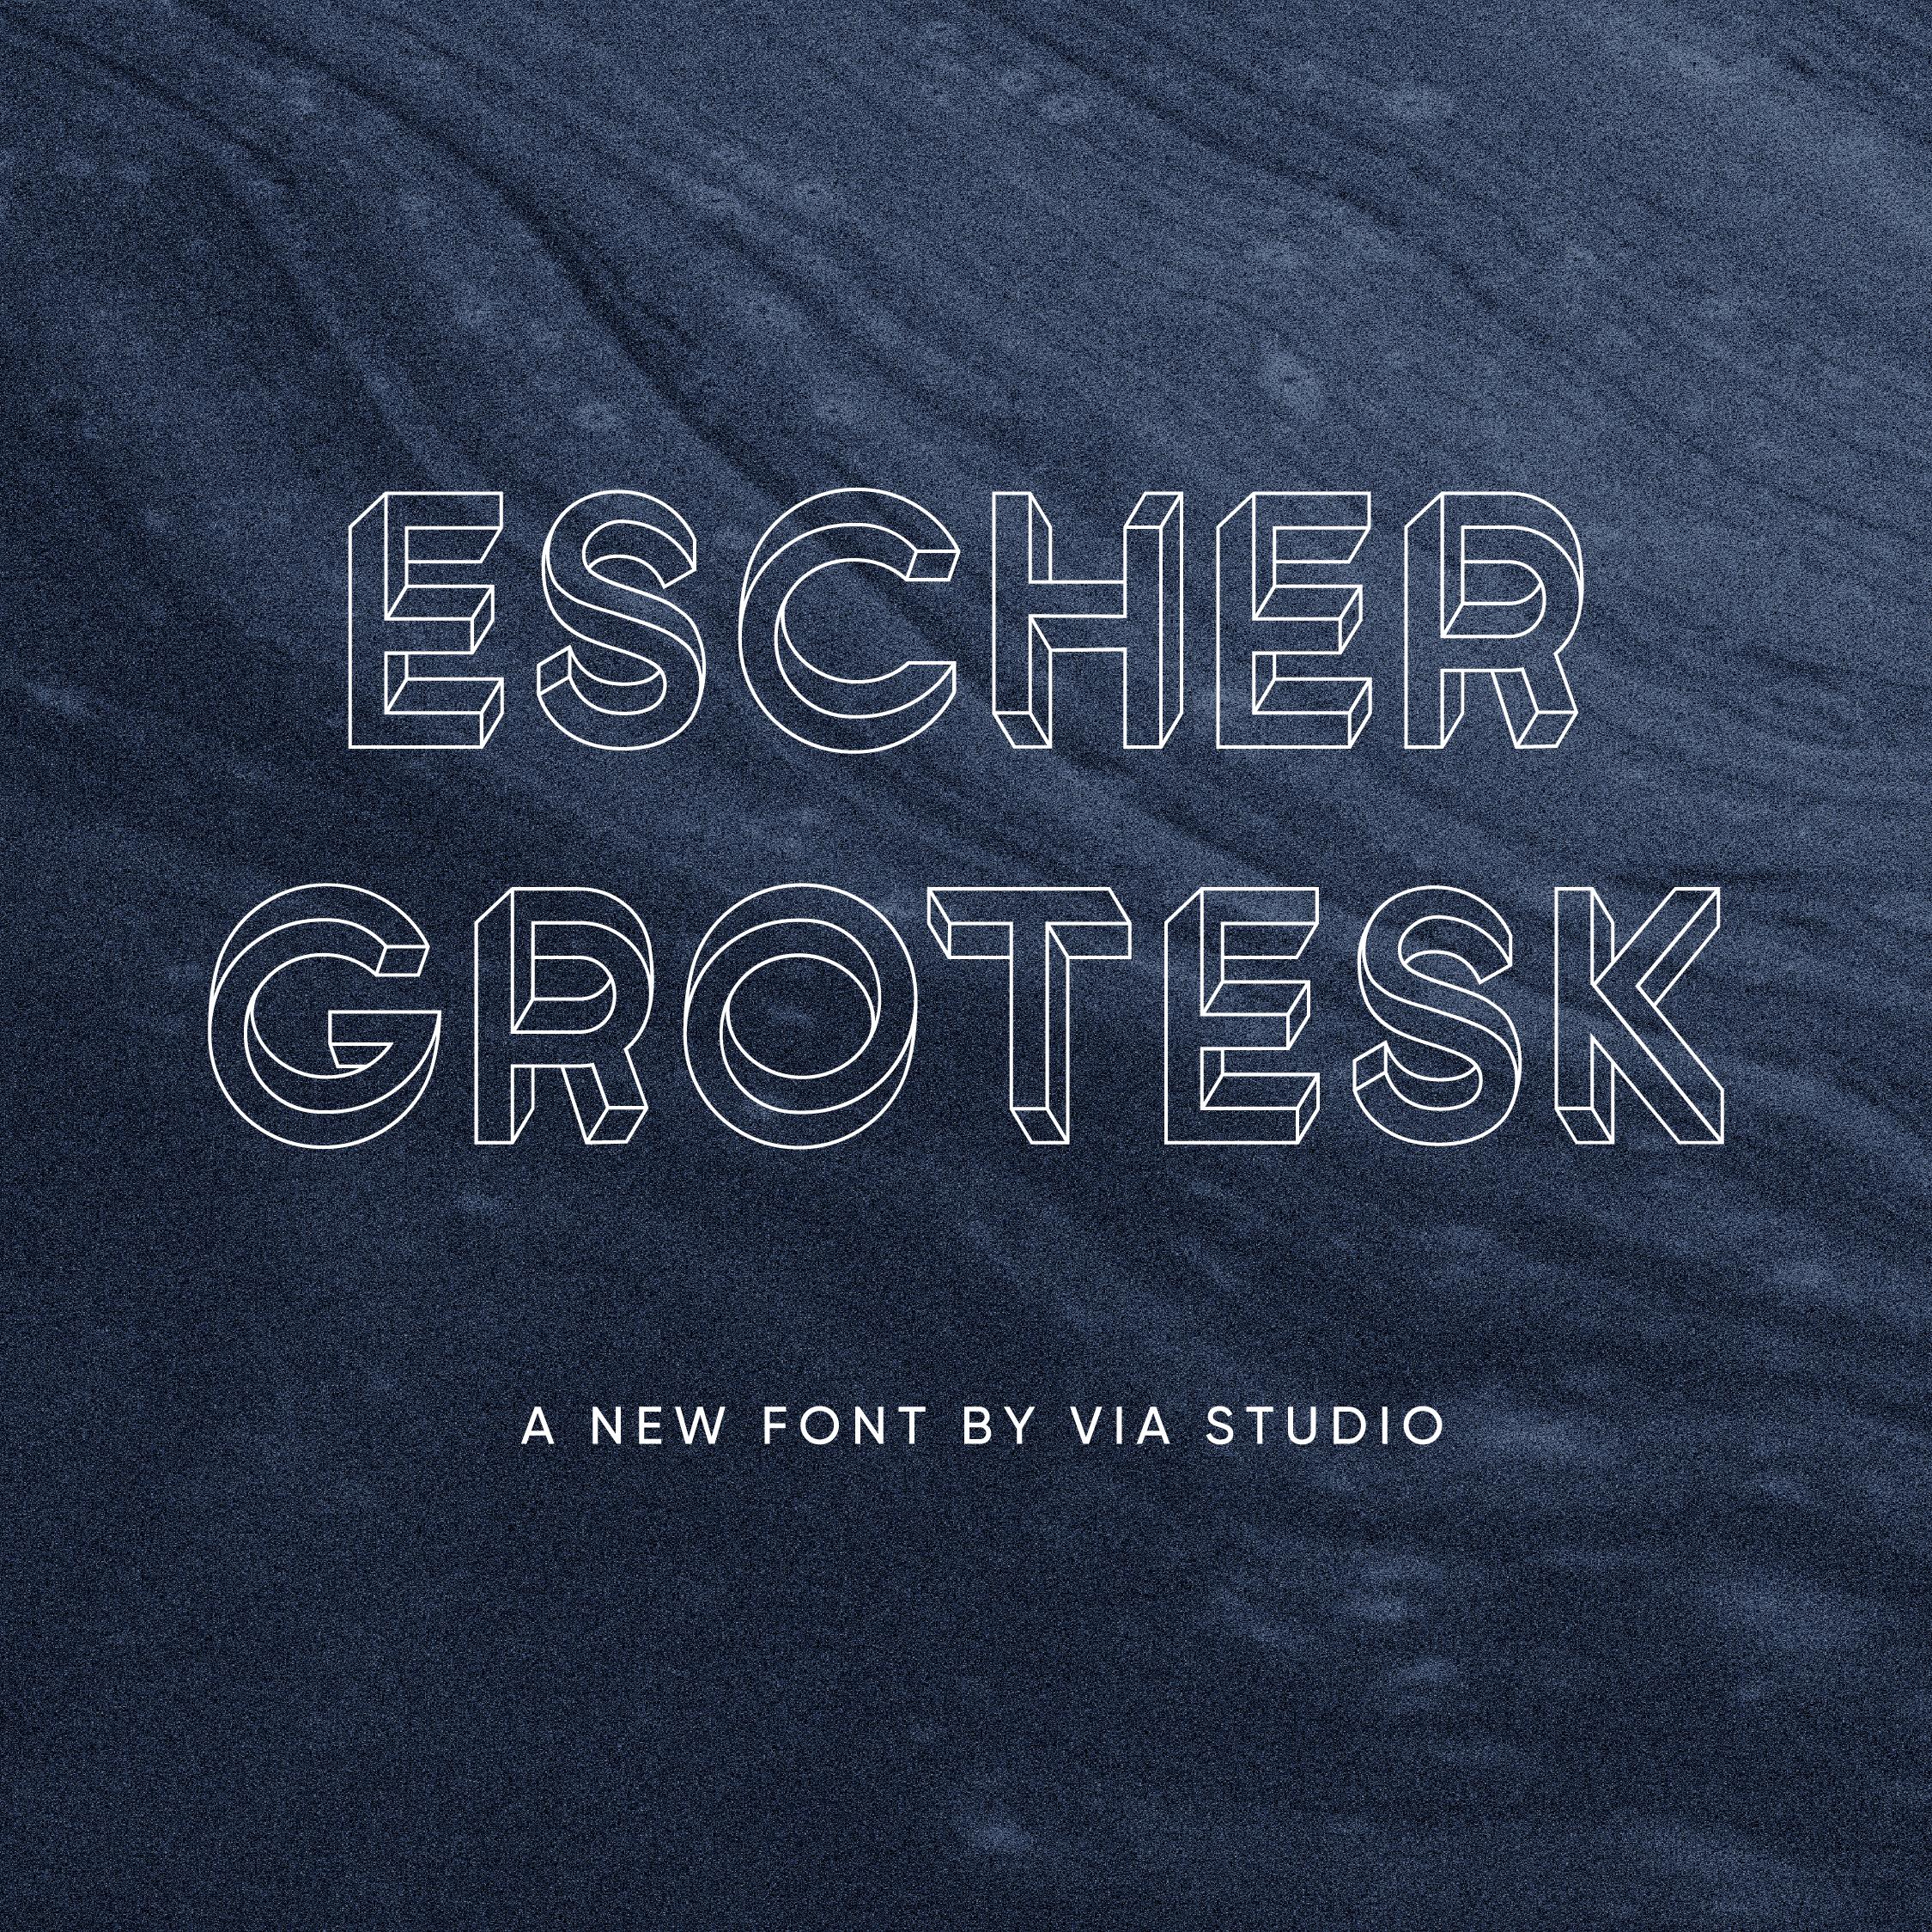 Preview of Escher Grotesk Typeface